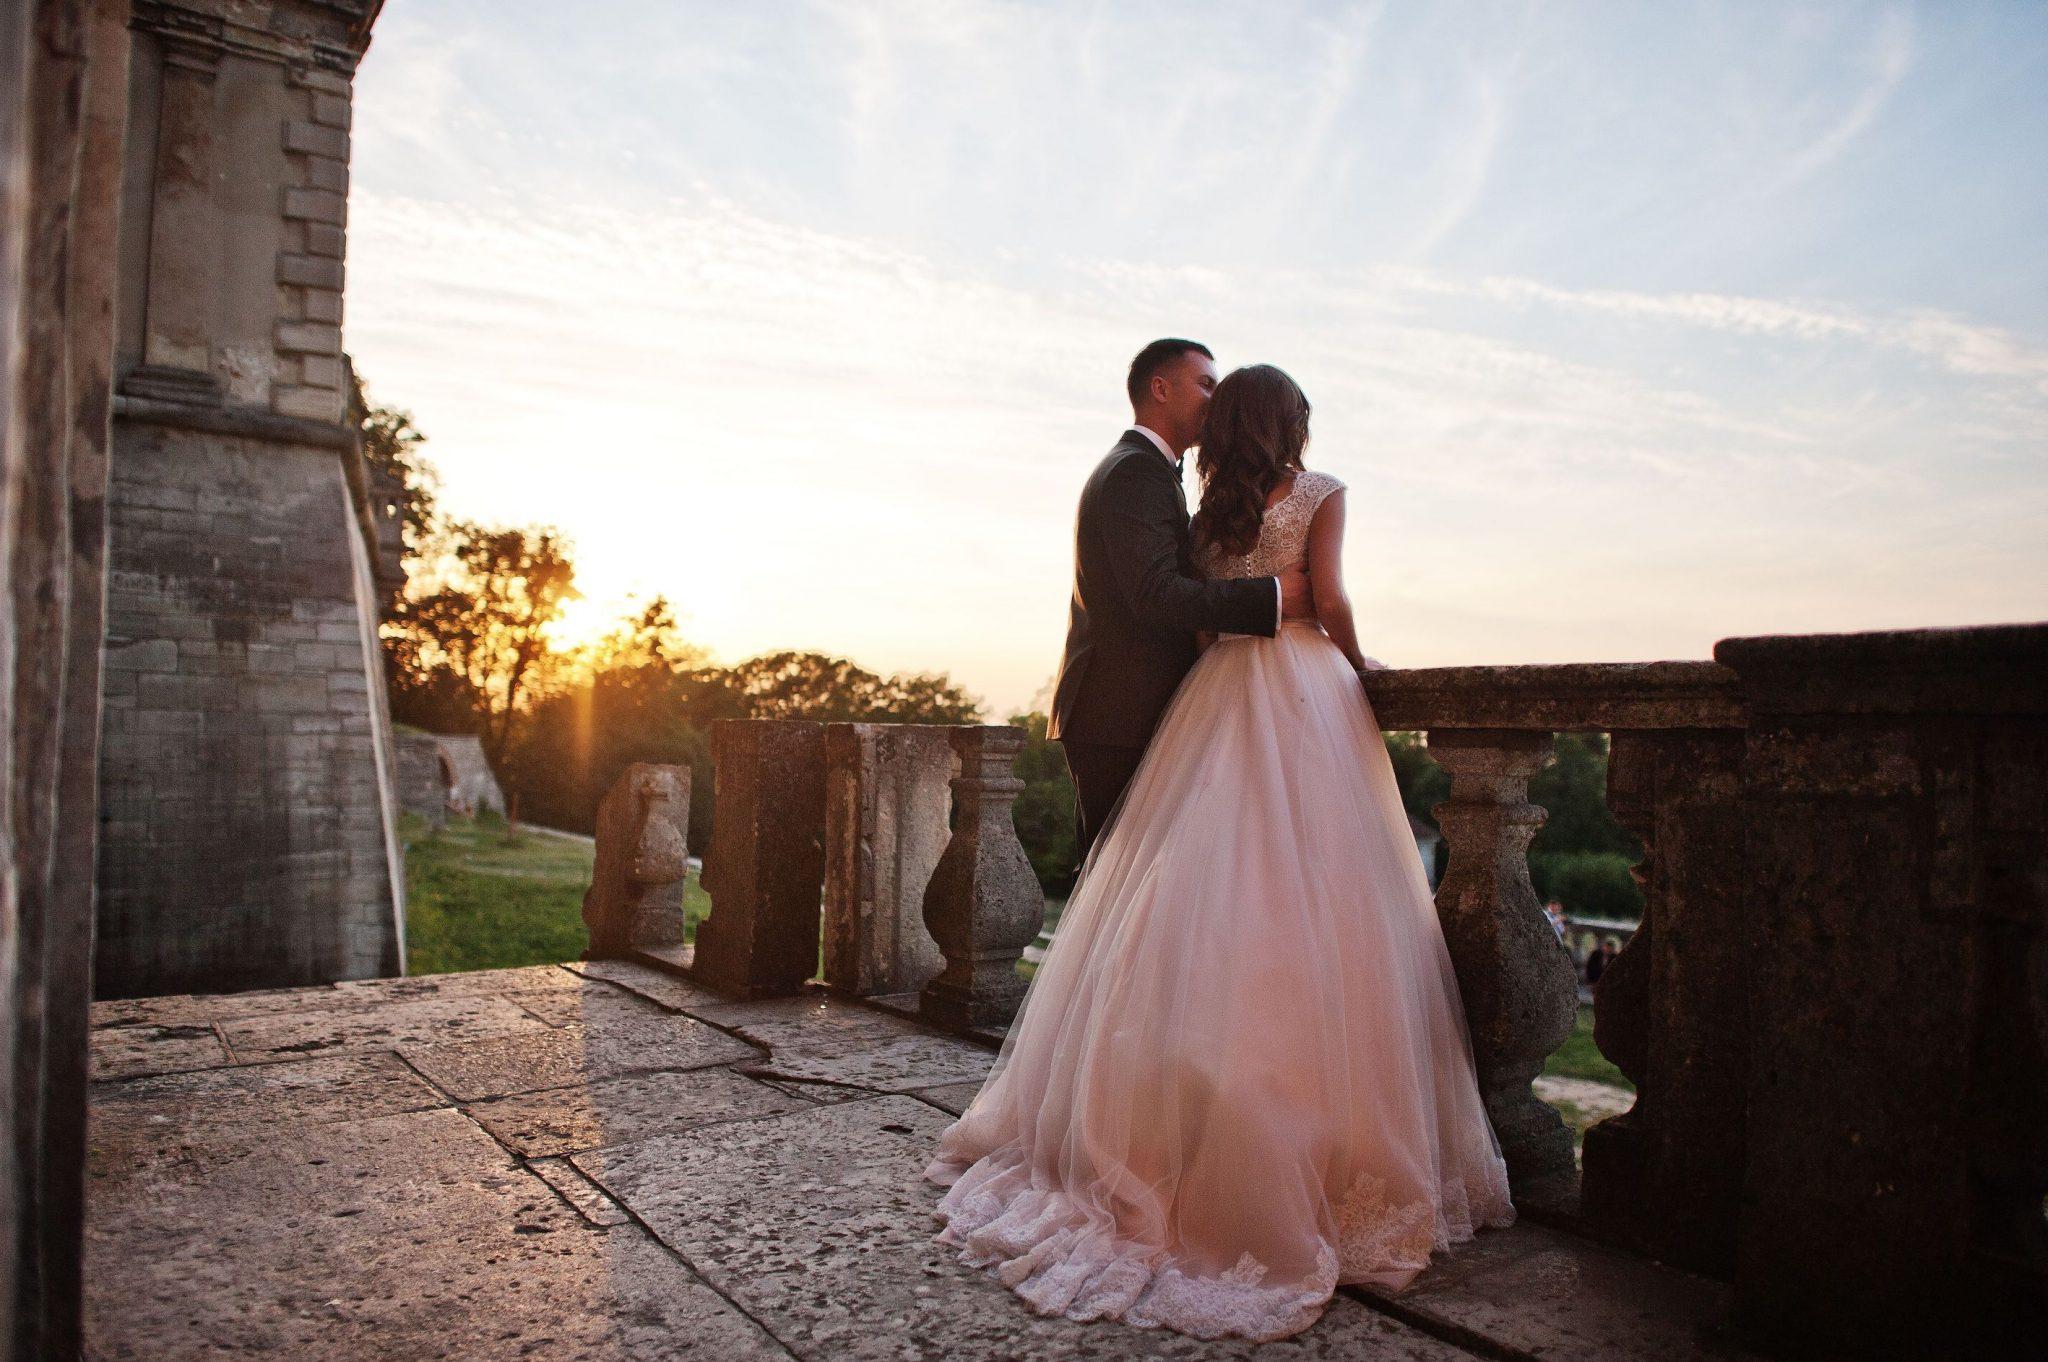 Huwelijksaanzoek-Steenbok